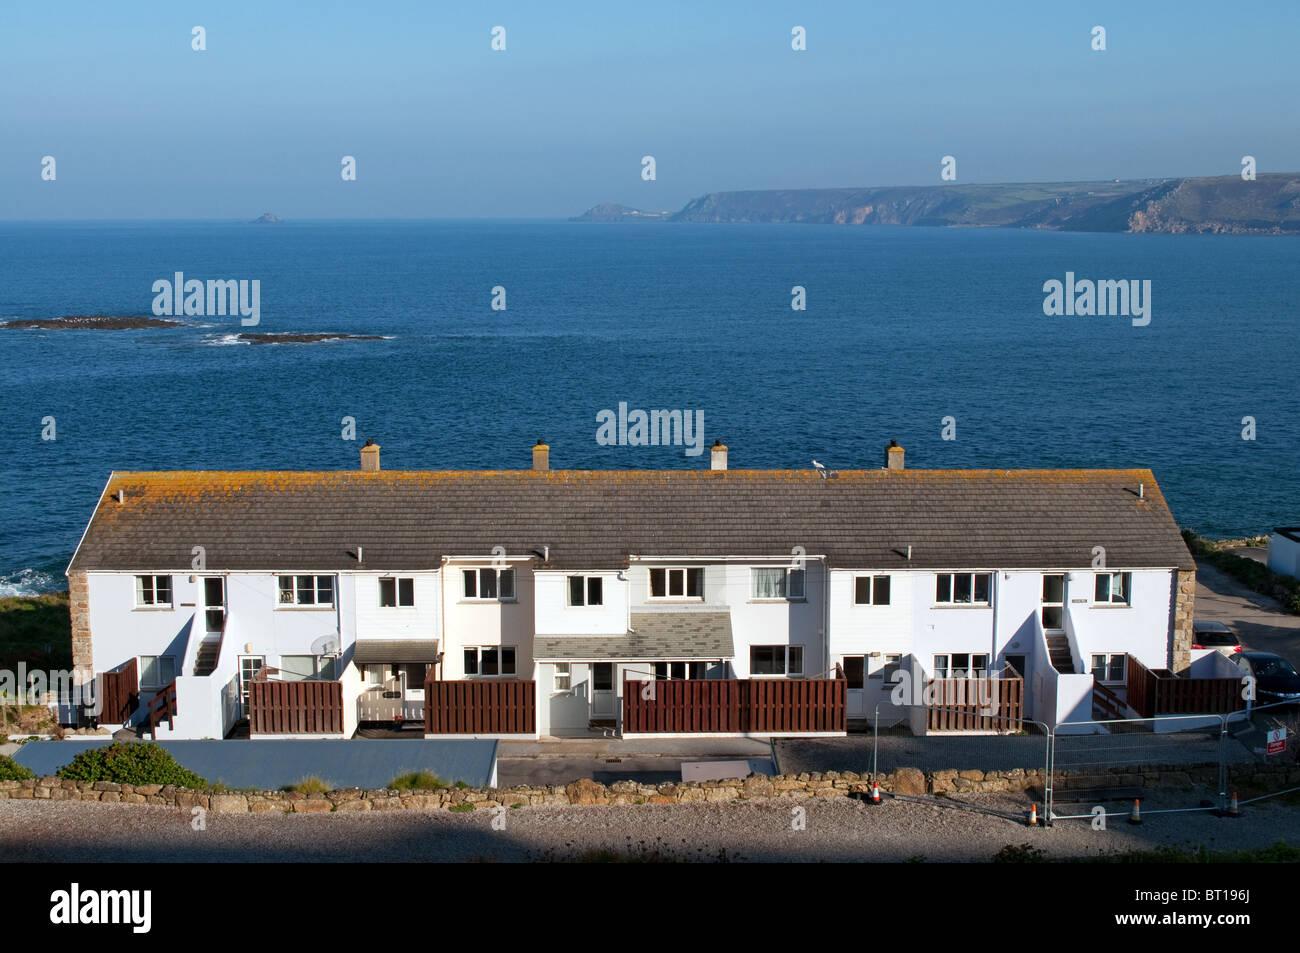 Appartements de vacances avec vue sur la baie à sennen Cove, à Cornwall, uk Photo Stock